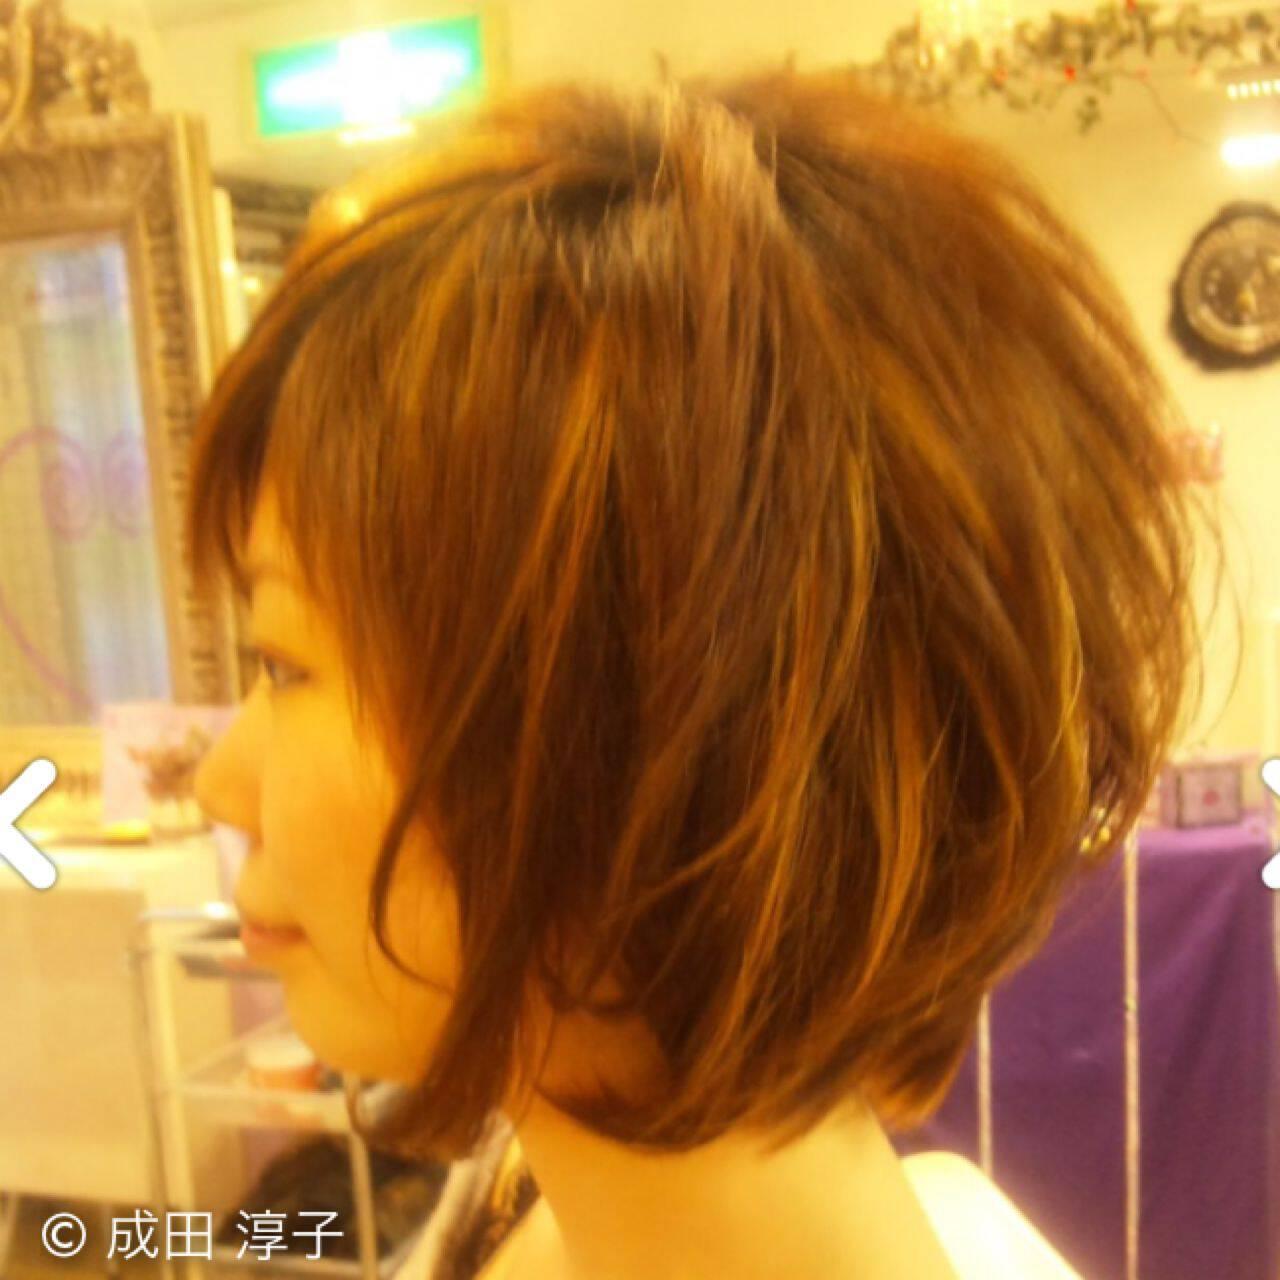 モテ髪 丸顔 ボブ ガーリーヘアスタイルや髪型の写真・画像